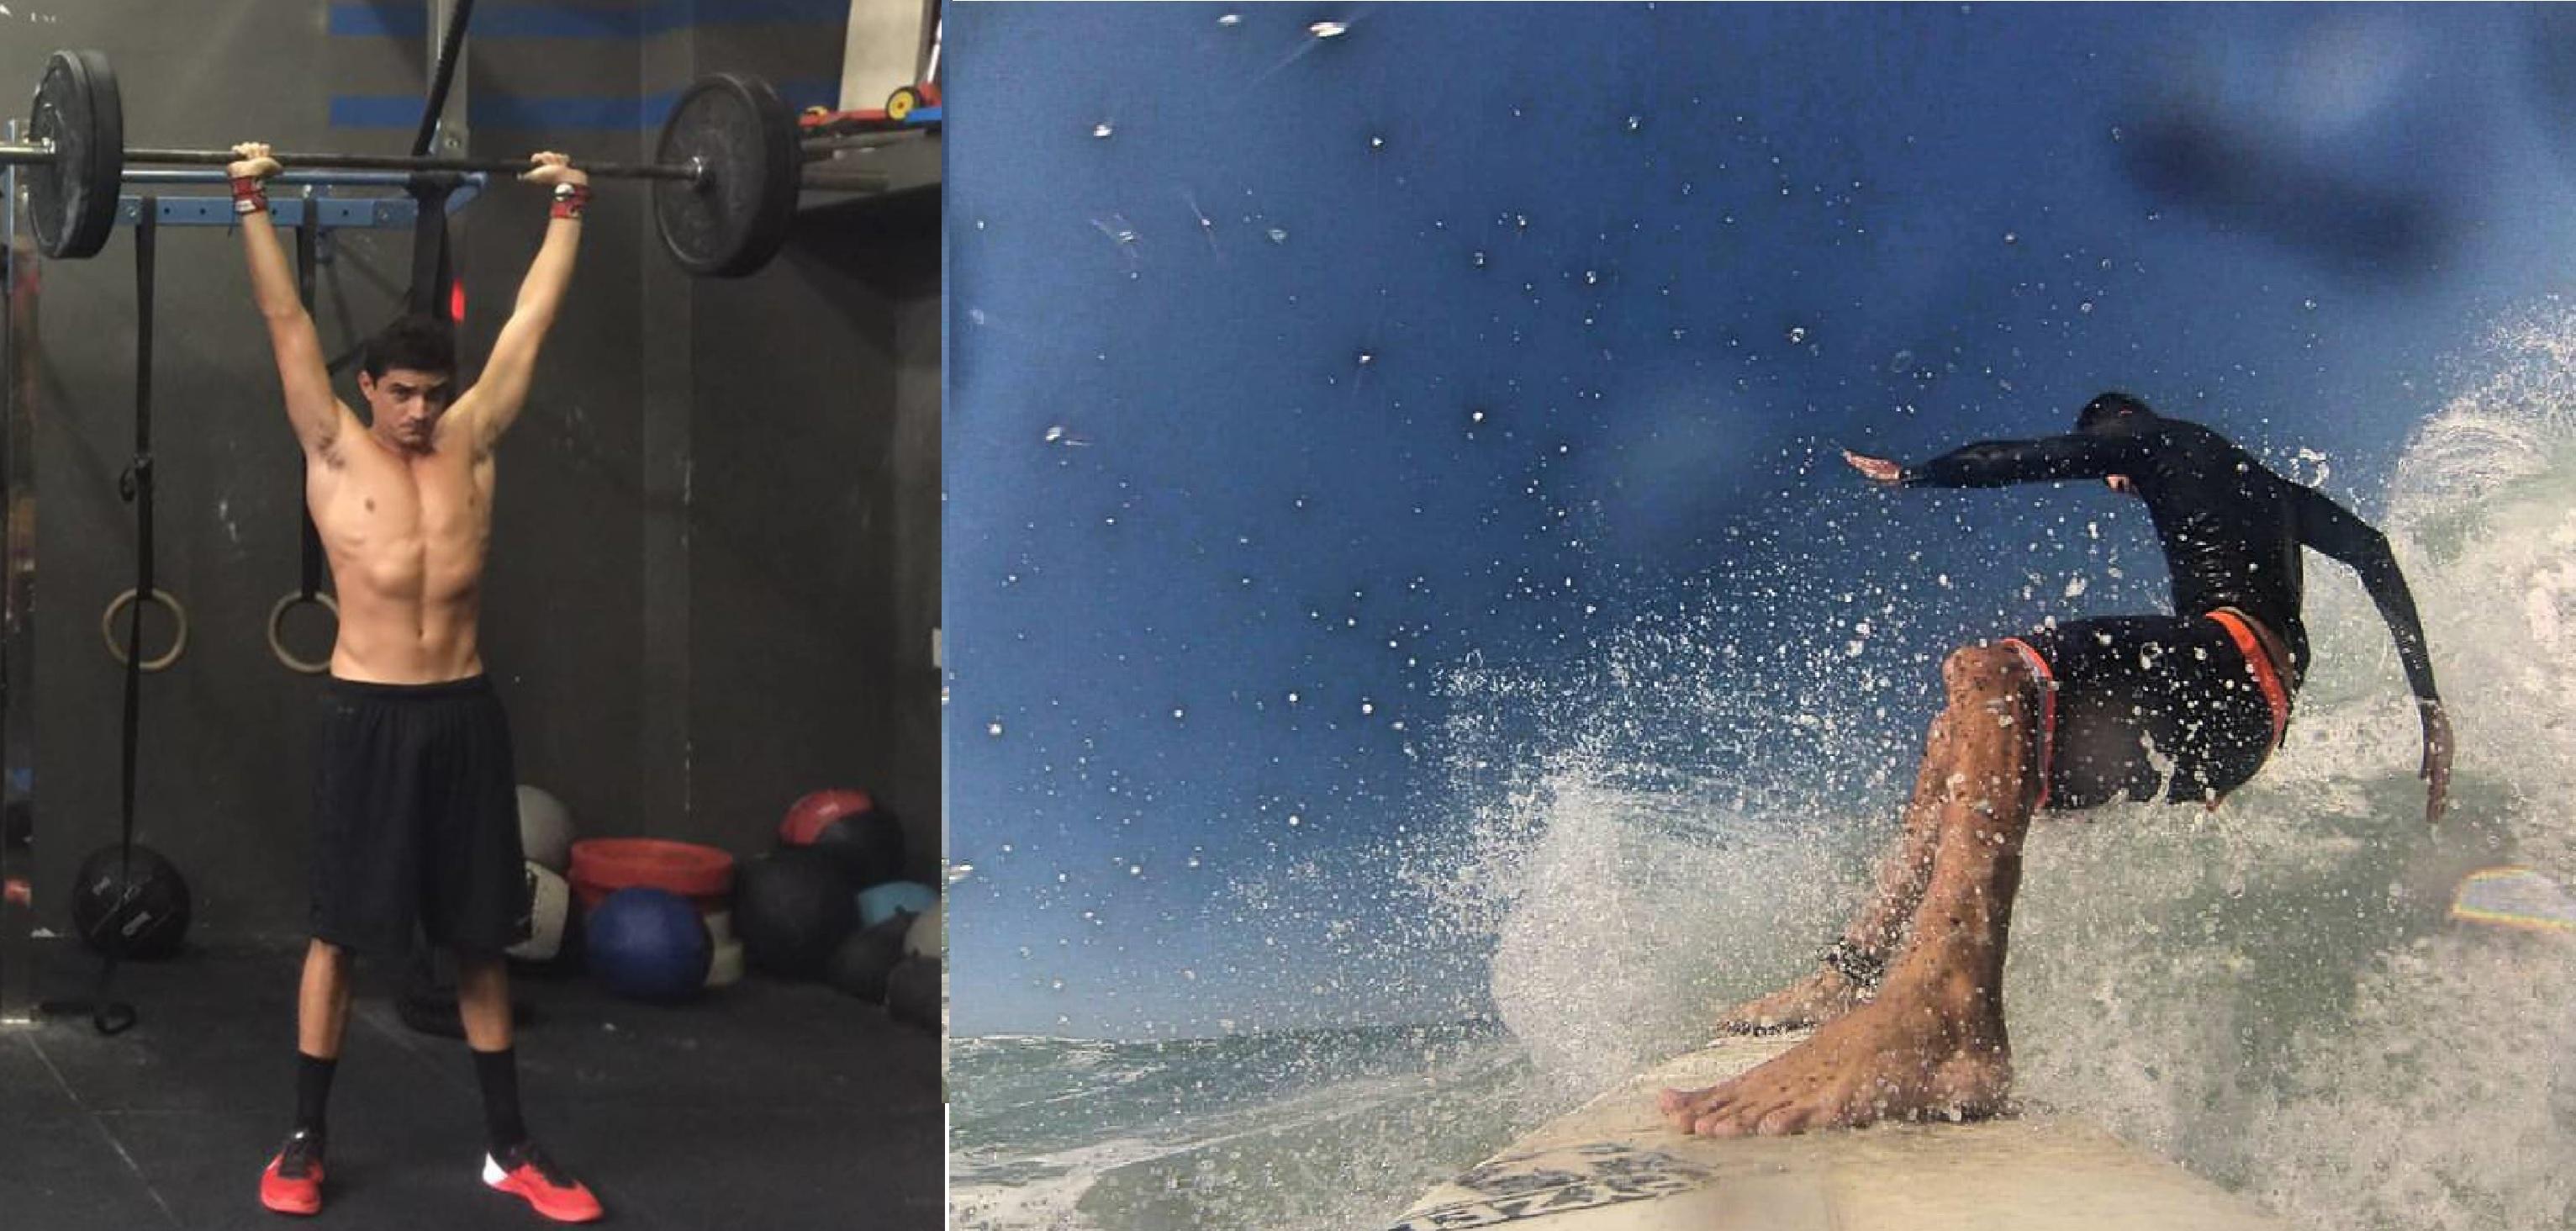 Luis Felipe conta que sua qualidade de vida e sua performance no surfe tiveram uma melhora extrema e não se imagina mais longe do Box (Reprodução / Luis Felipe)